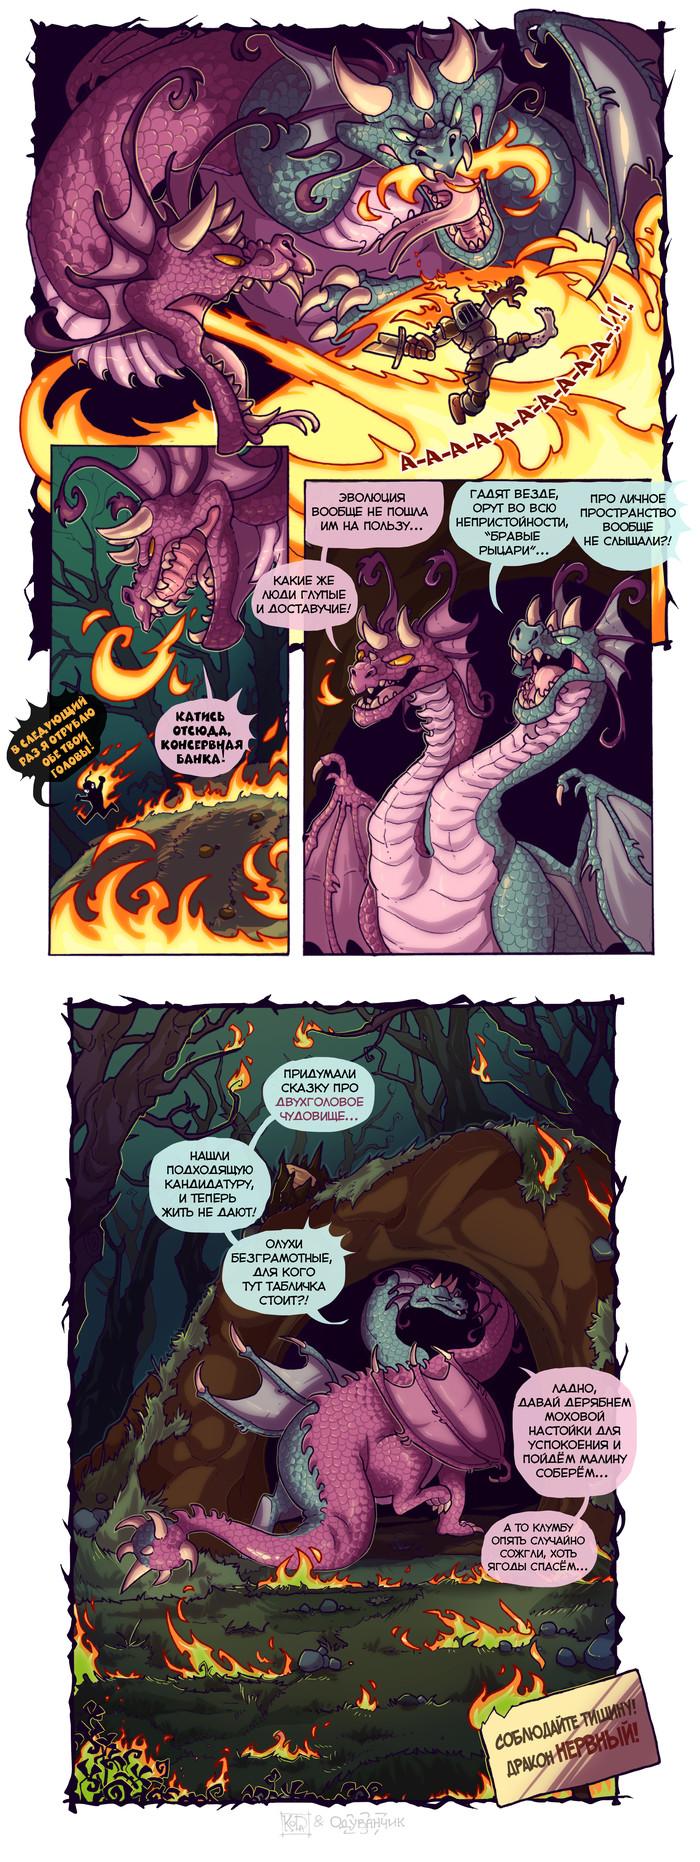 Дурацкие люди. Koda, Комиксы, Арт, Дракон, Рыцарь, Длиннопост